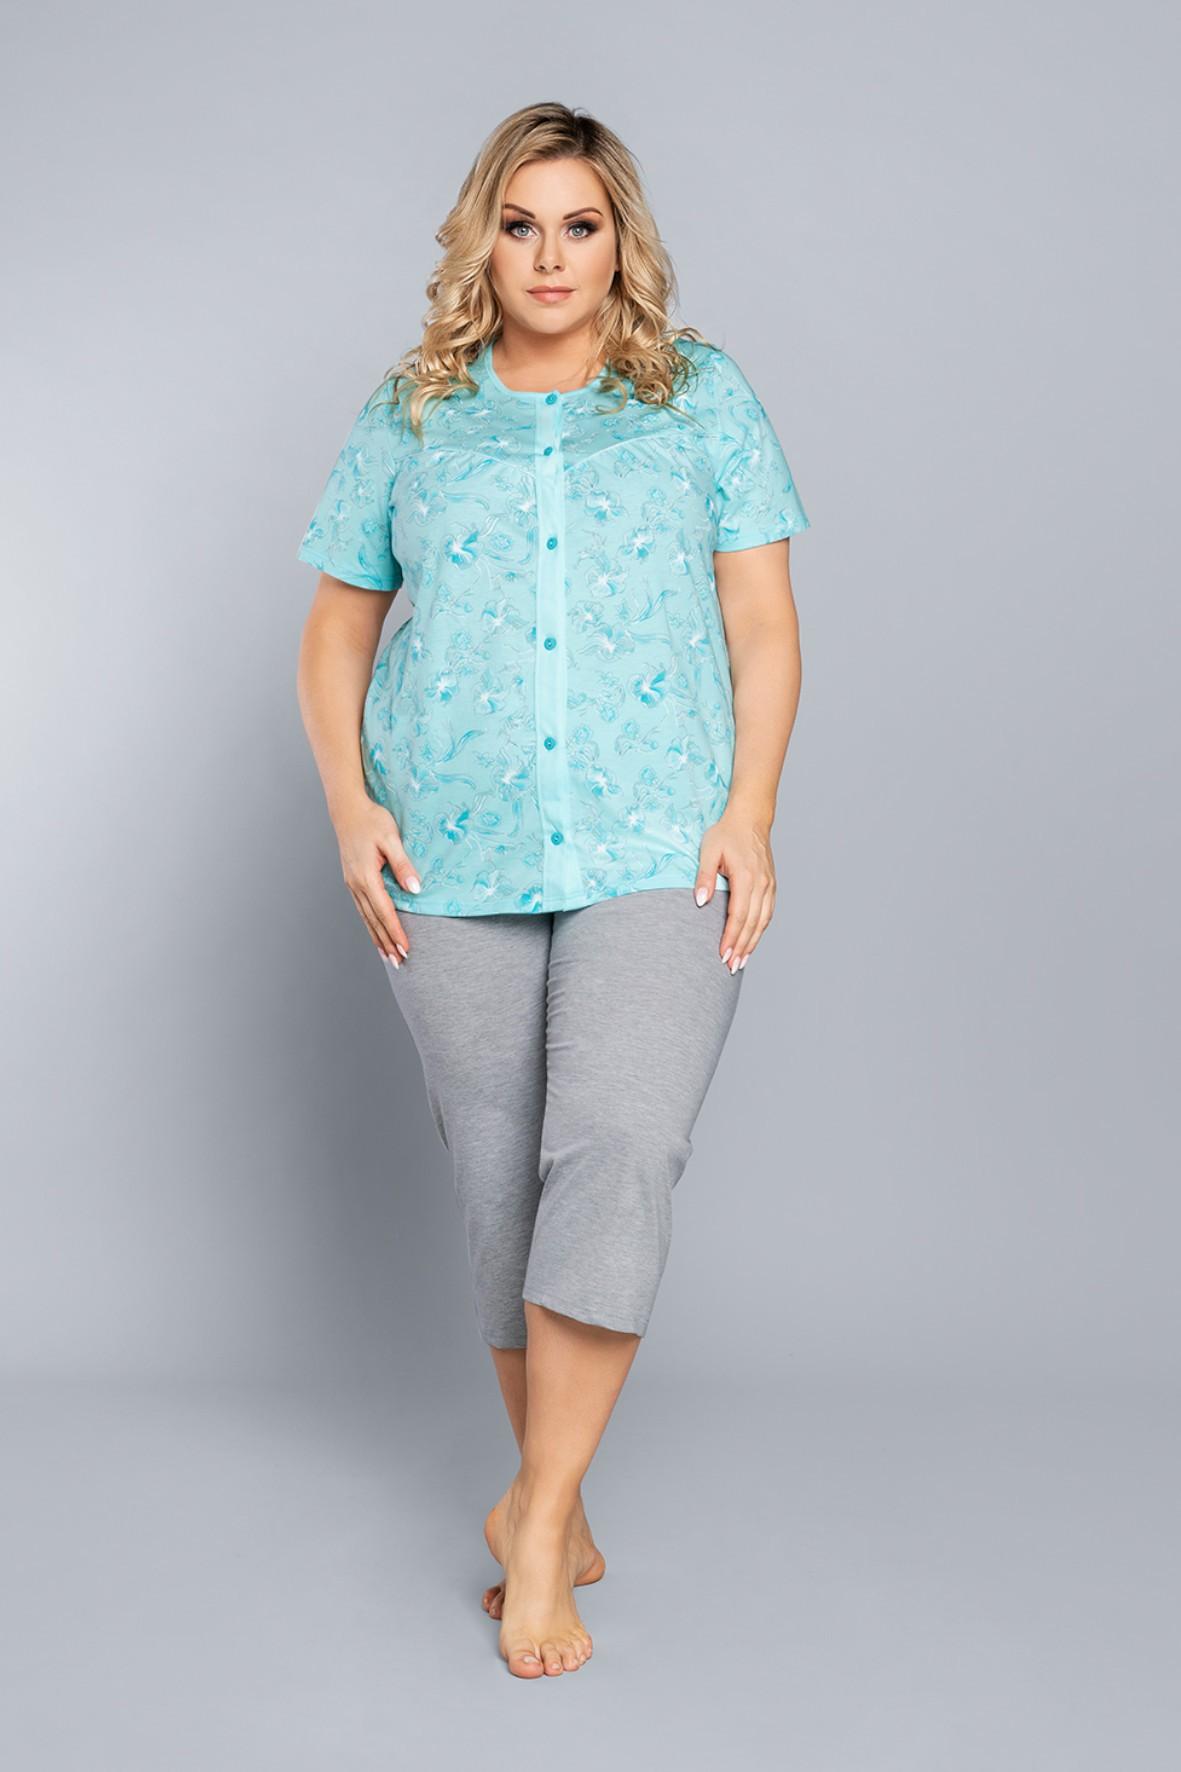 Dwuczęściowa piżama damska - turkusowa bluzka damska we wzorki na krótki rękaw + szare spodnie 3/4 nogawka